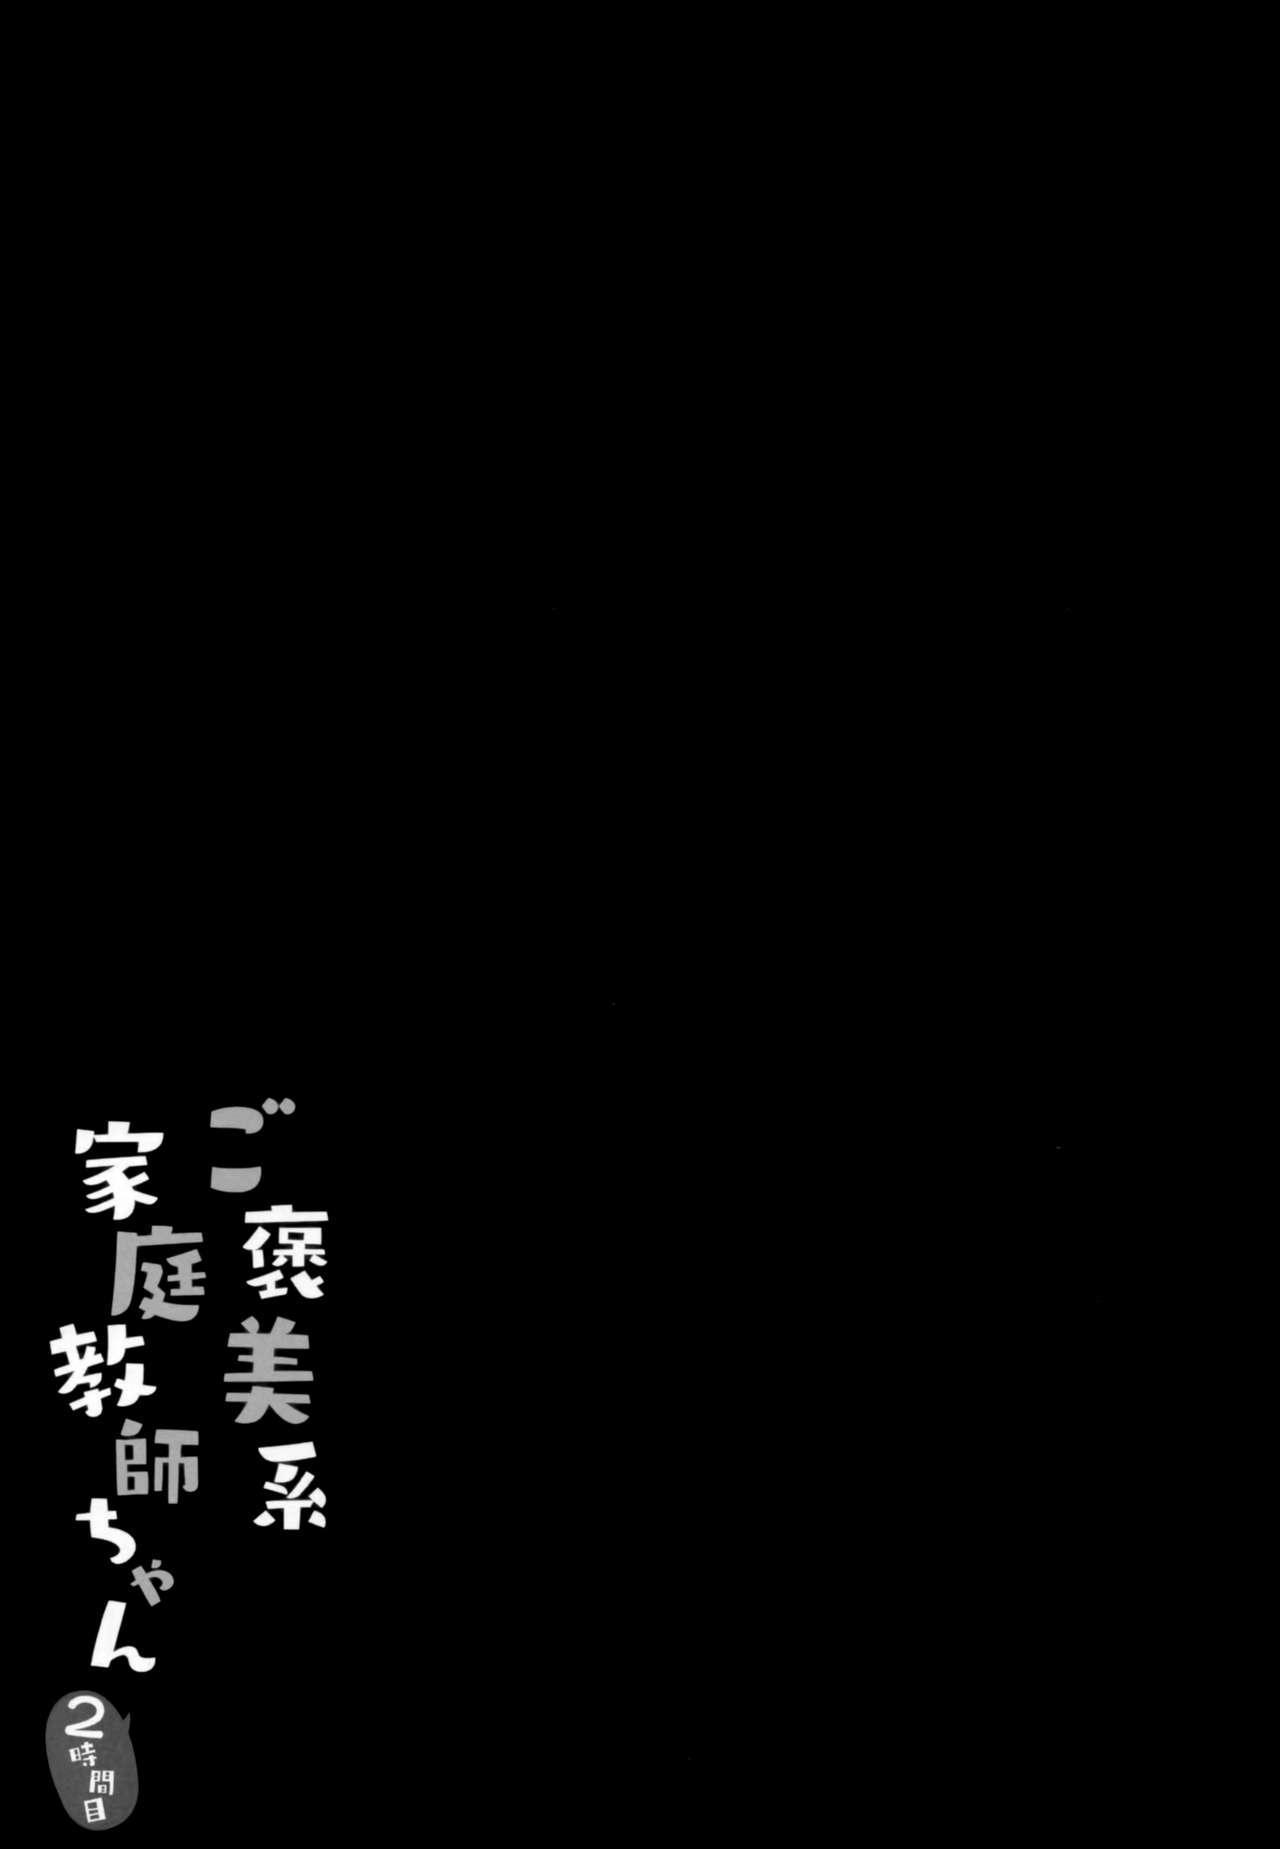 Gohoubikei Katei Kyoushi-chan 2 Jikan Me 2